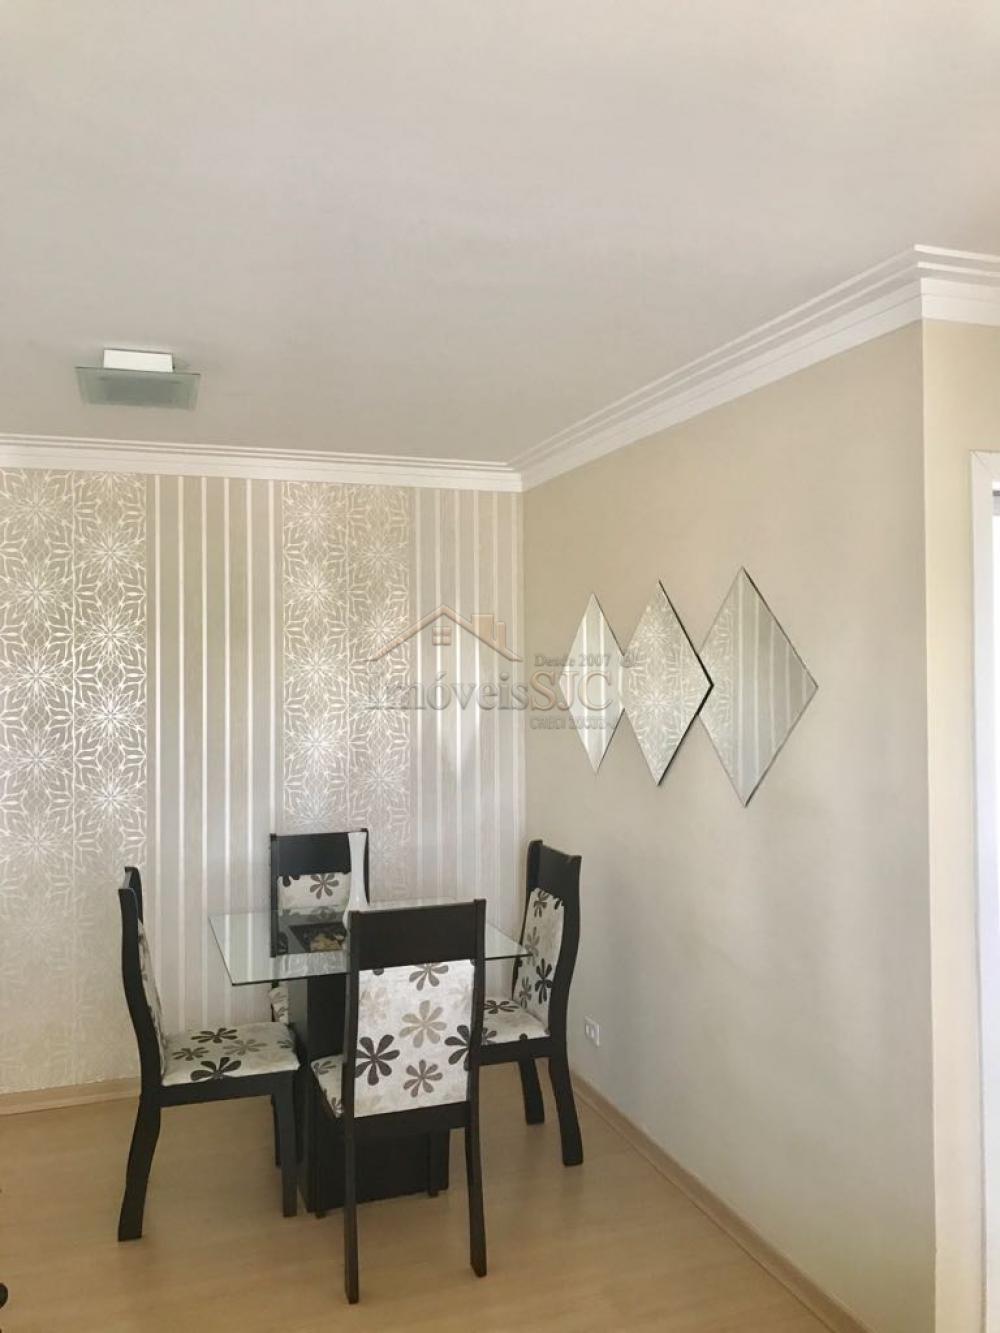 Comprar Apartamentos / Padrão em São José dos Campos apenas R$ 218.000,00 - Foto 2